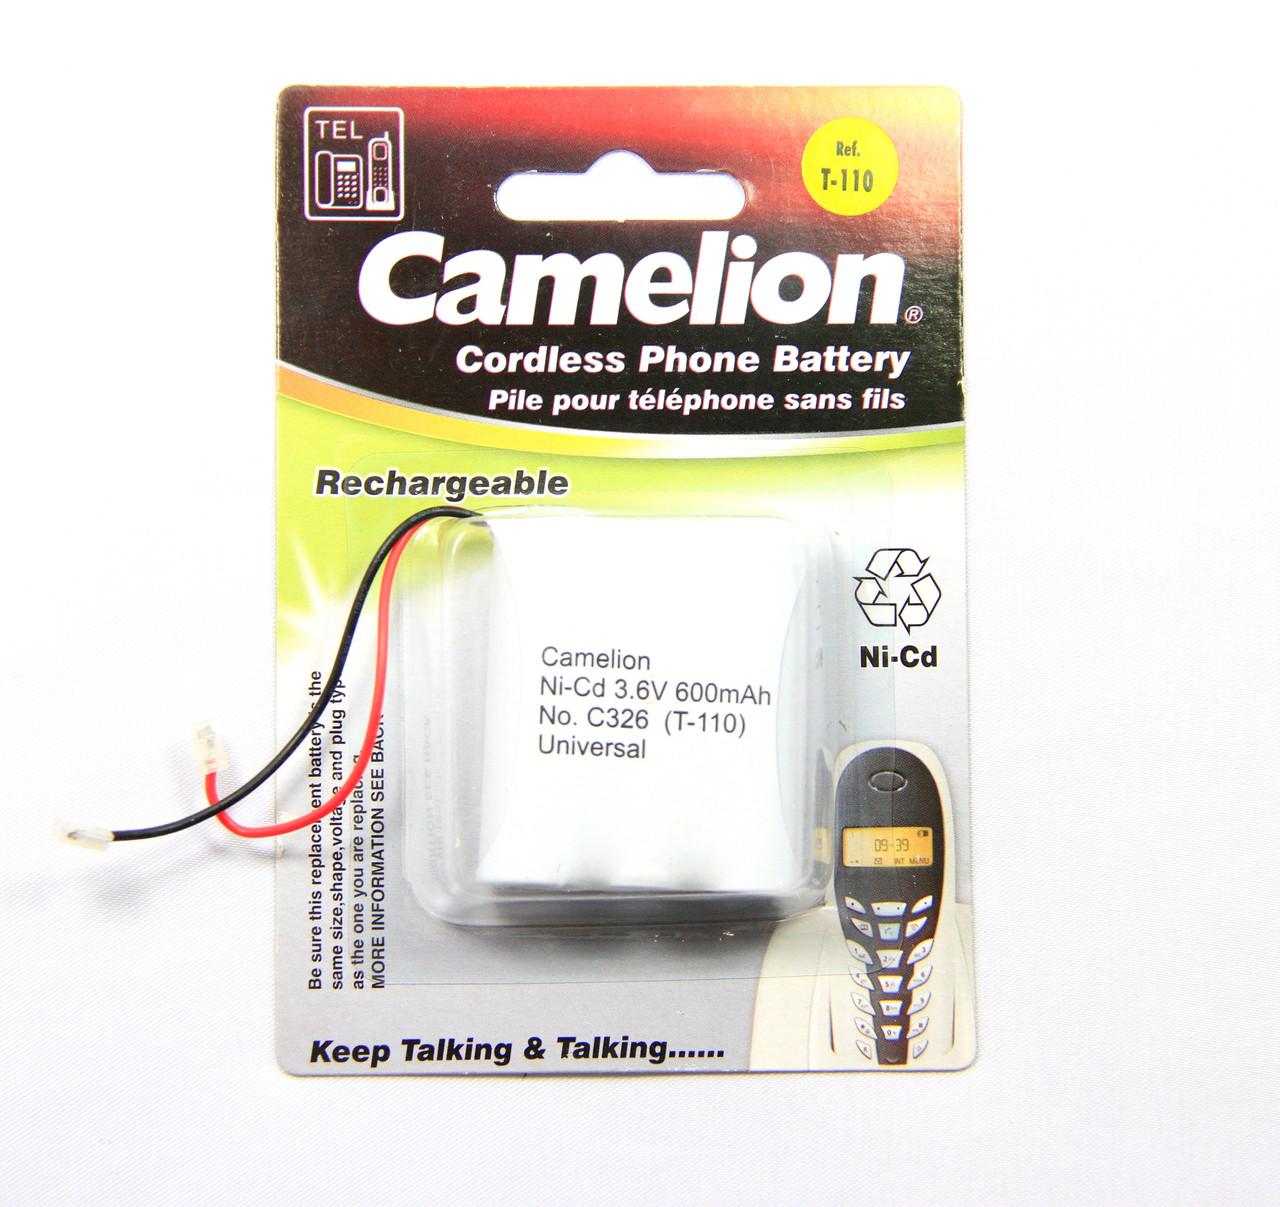 Аккумулятор для радиотелефонов Camelion C326 (T-110) 600 mAh Ni-Cd